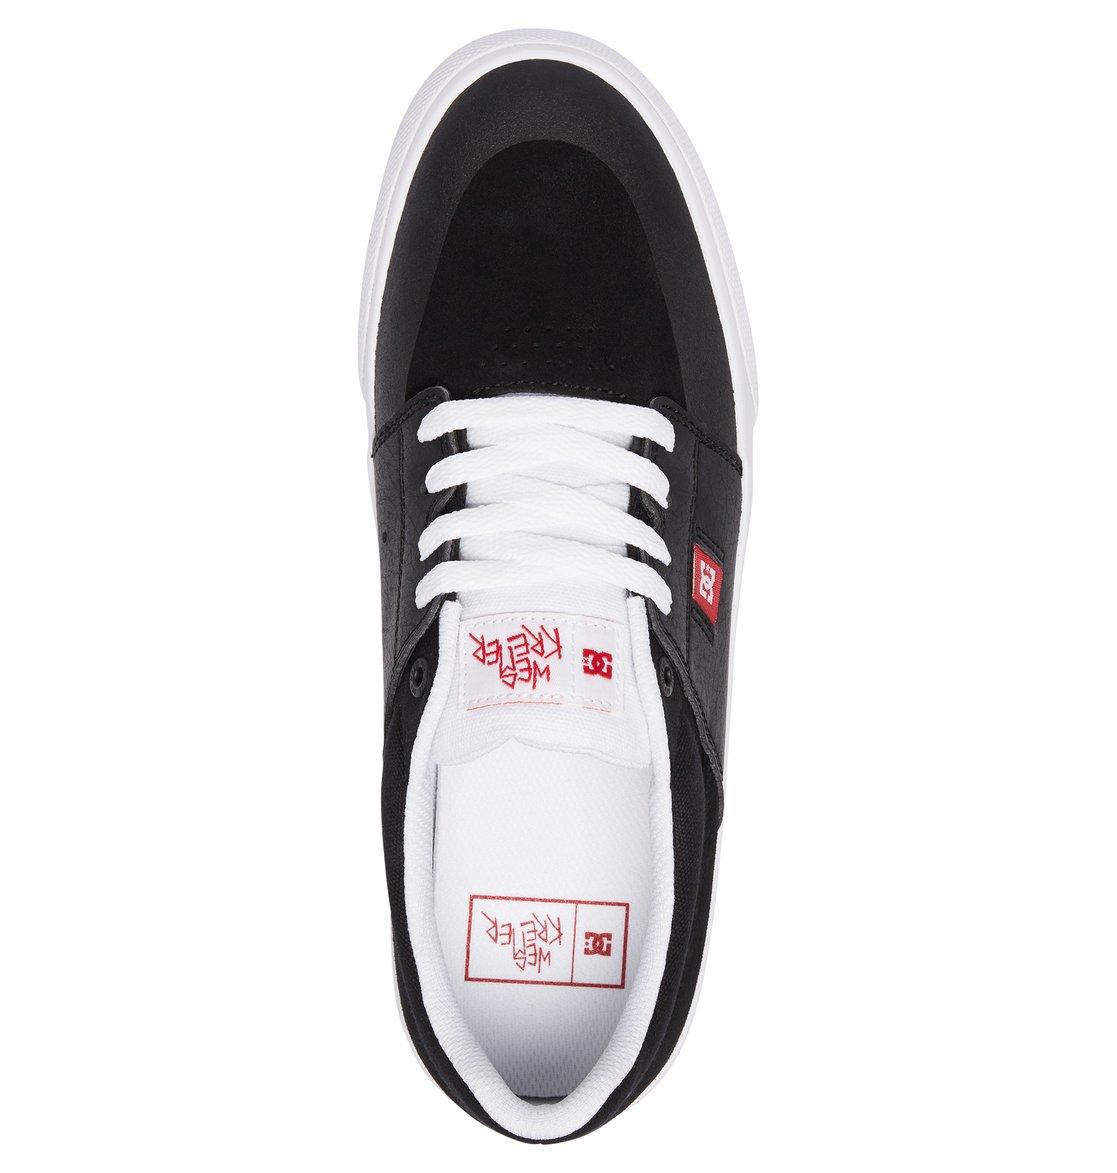 DC-Shoes-Wes-Kremer-Baskets-pour-Homme-ADYS300315 miniature 9